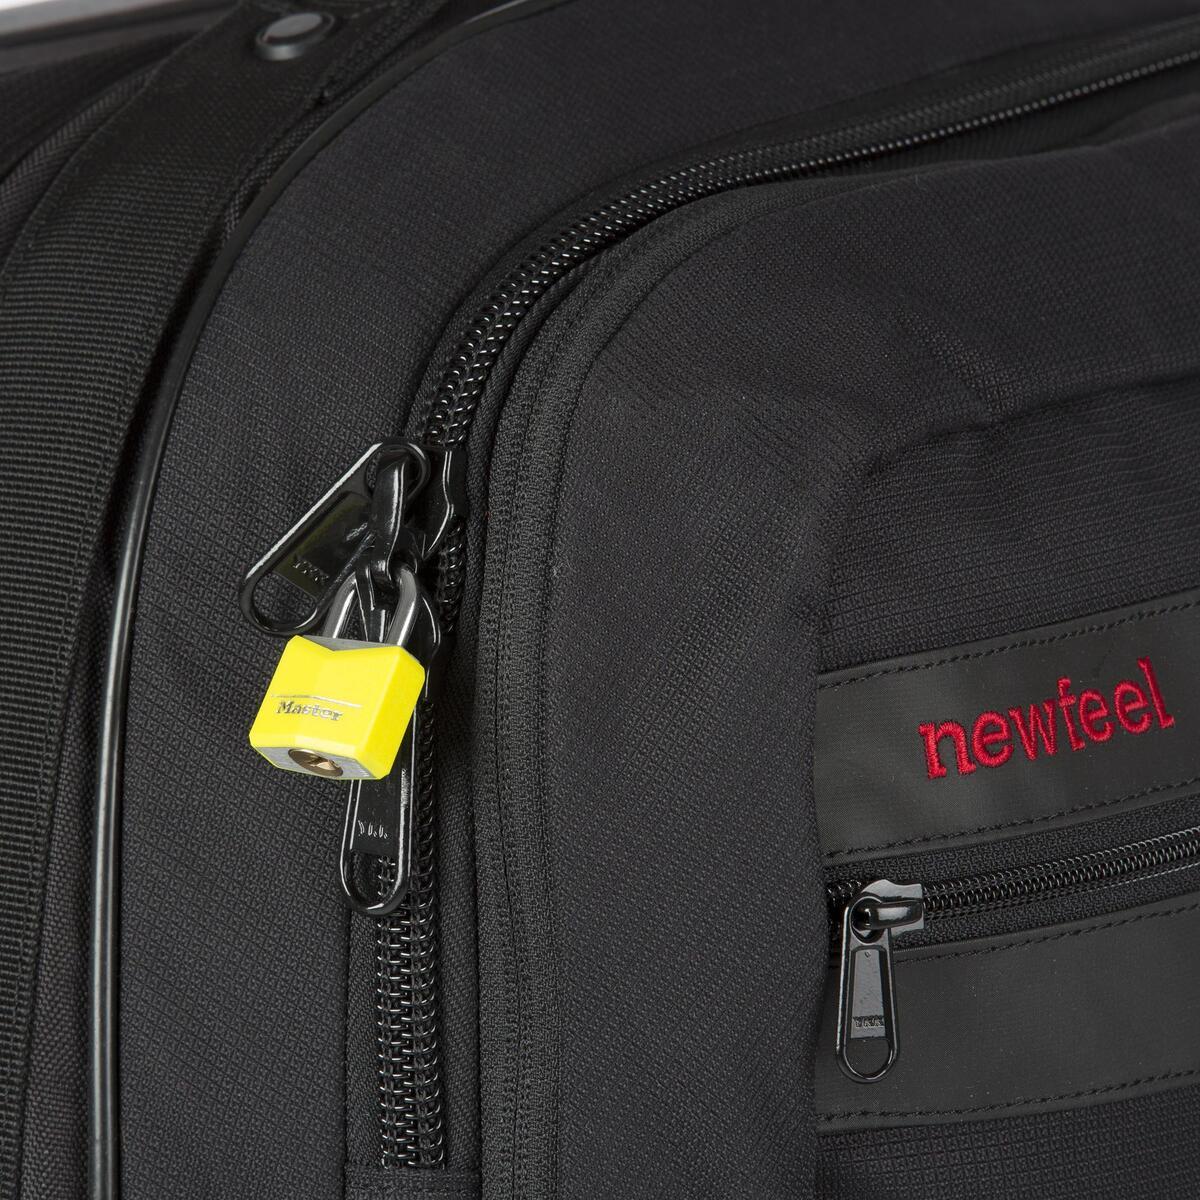 Bild 4 von 2 Gepäckschlösser + Schlüssel 30mm gelb